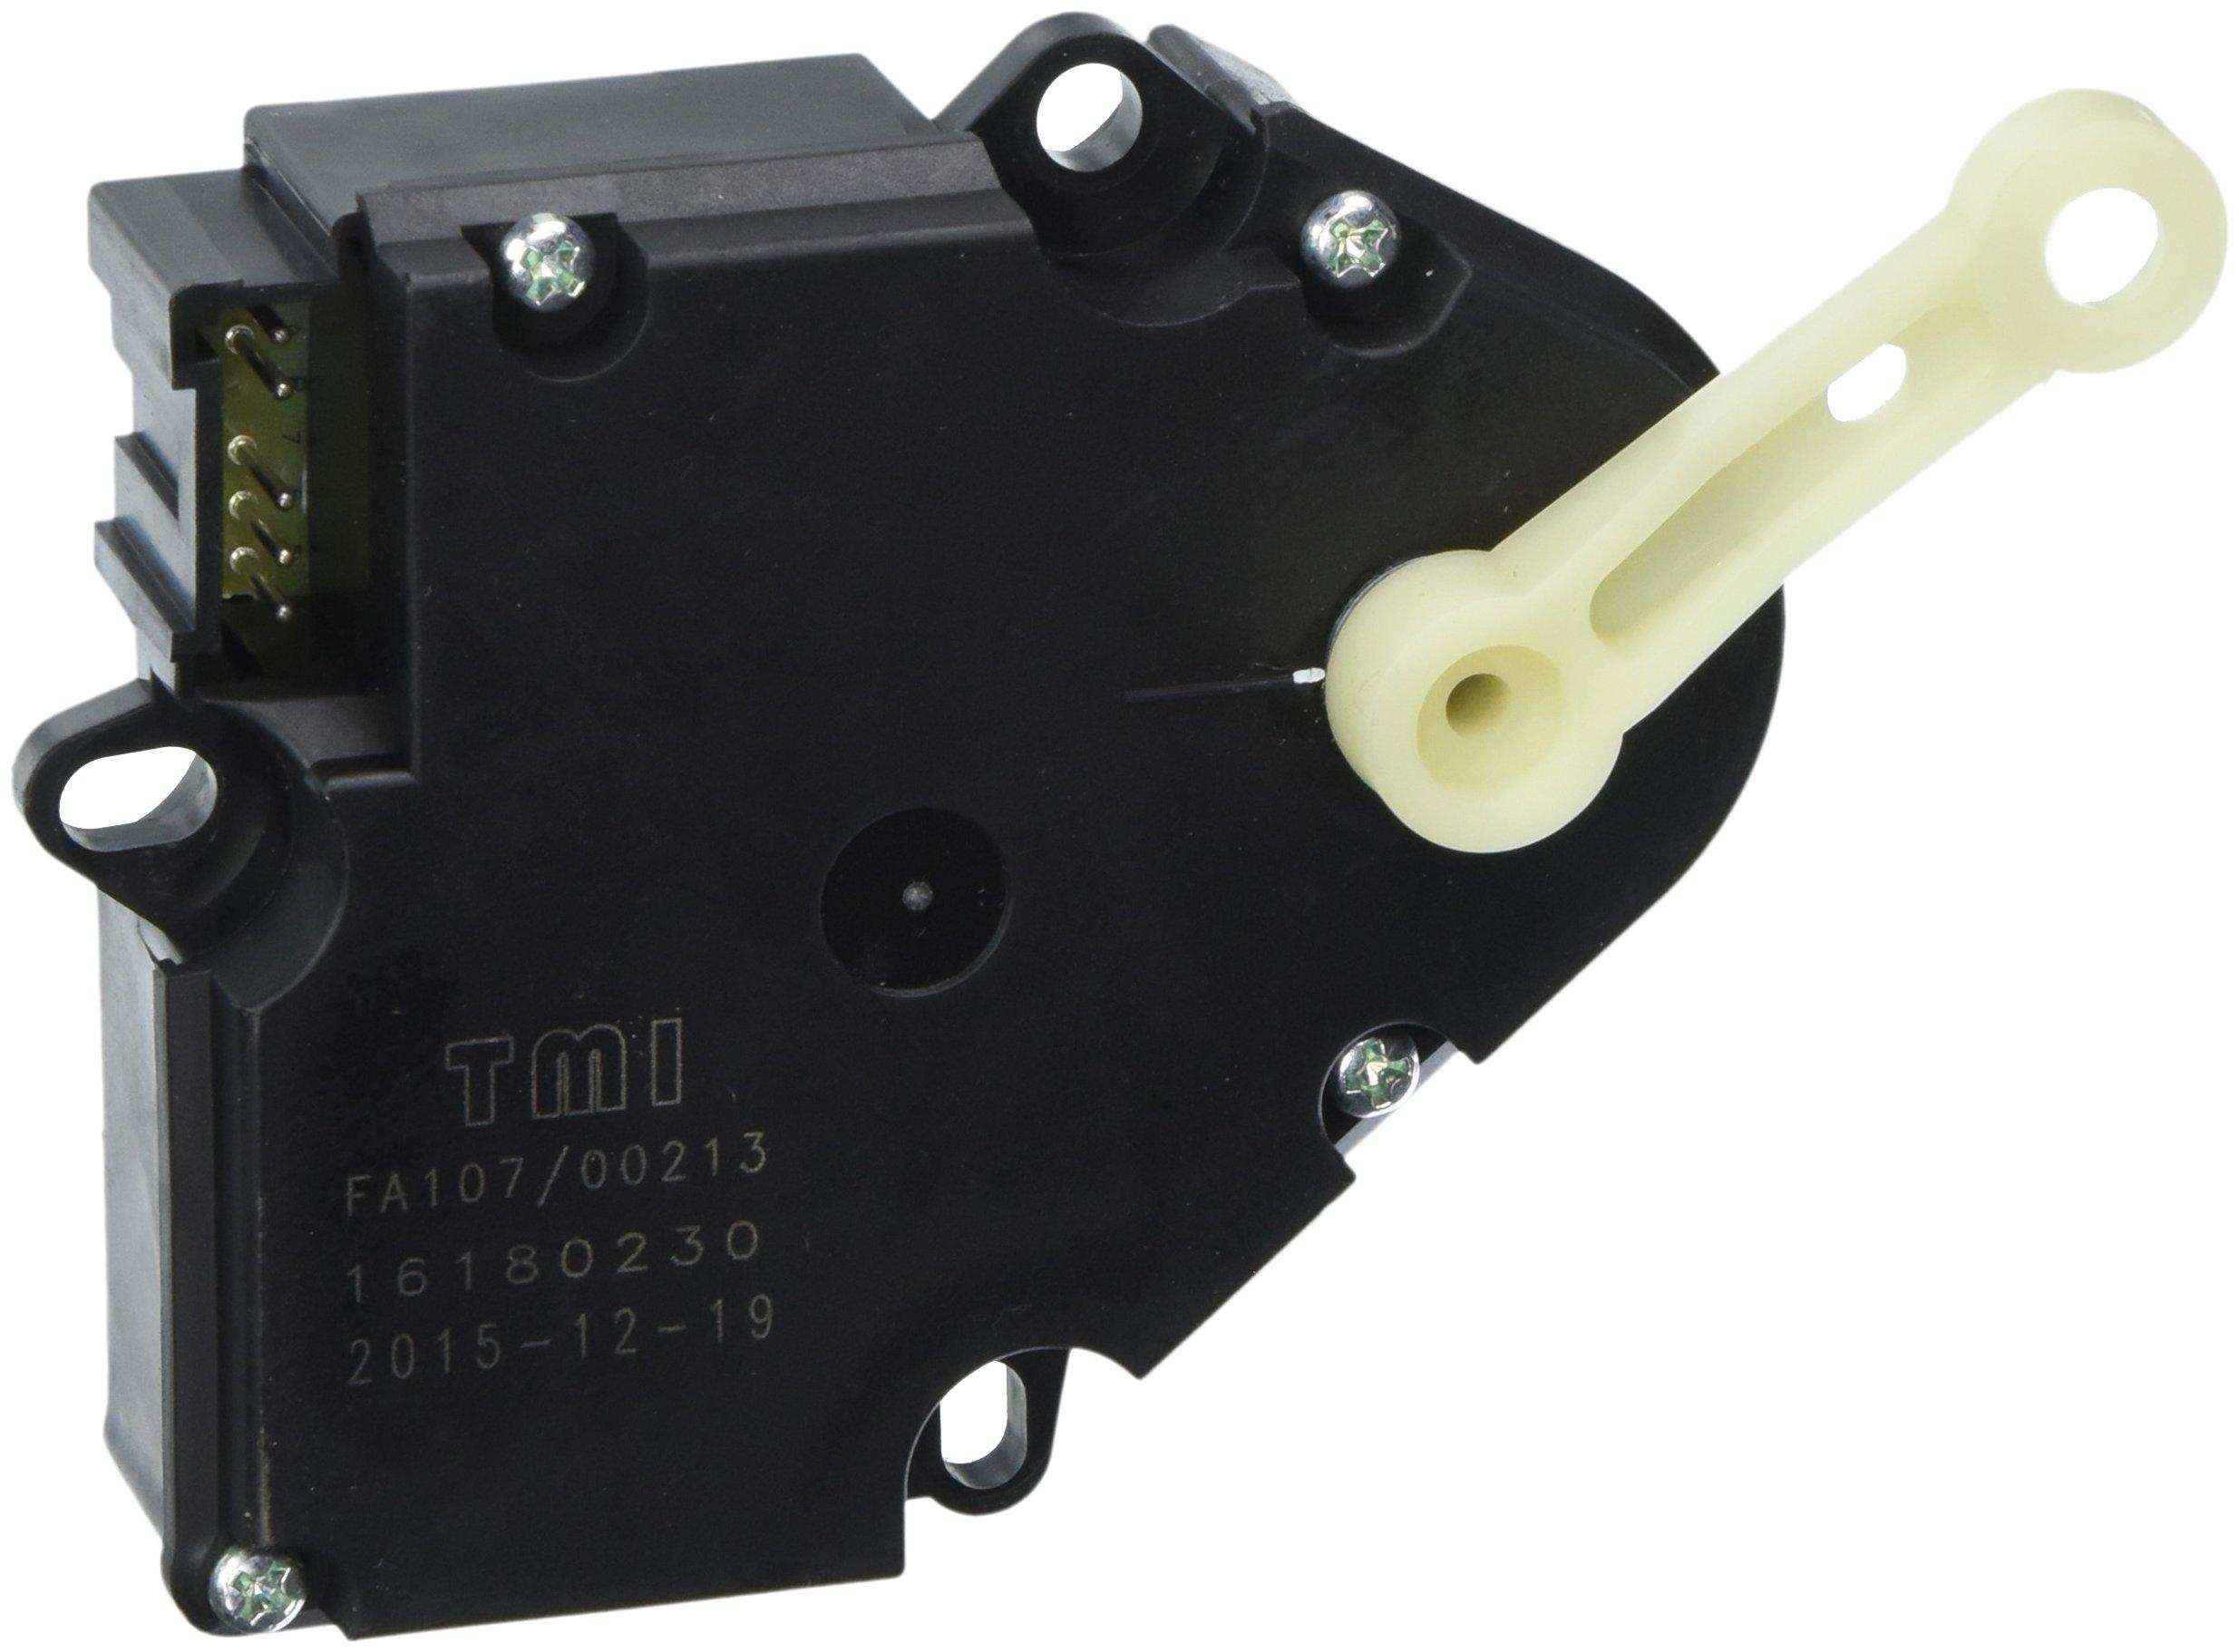 Genuine GM 16180230 A/C Temperature Valve Actuator